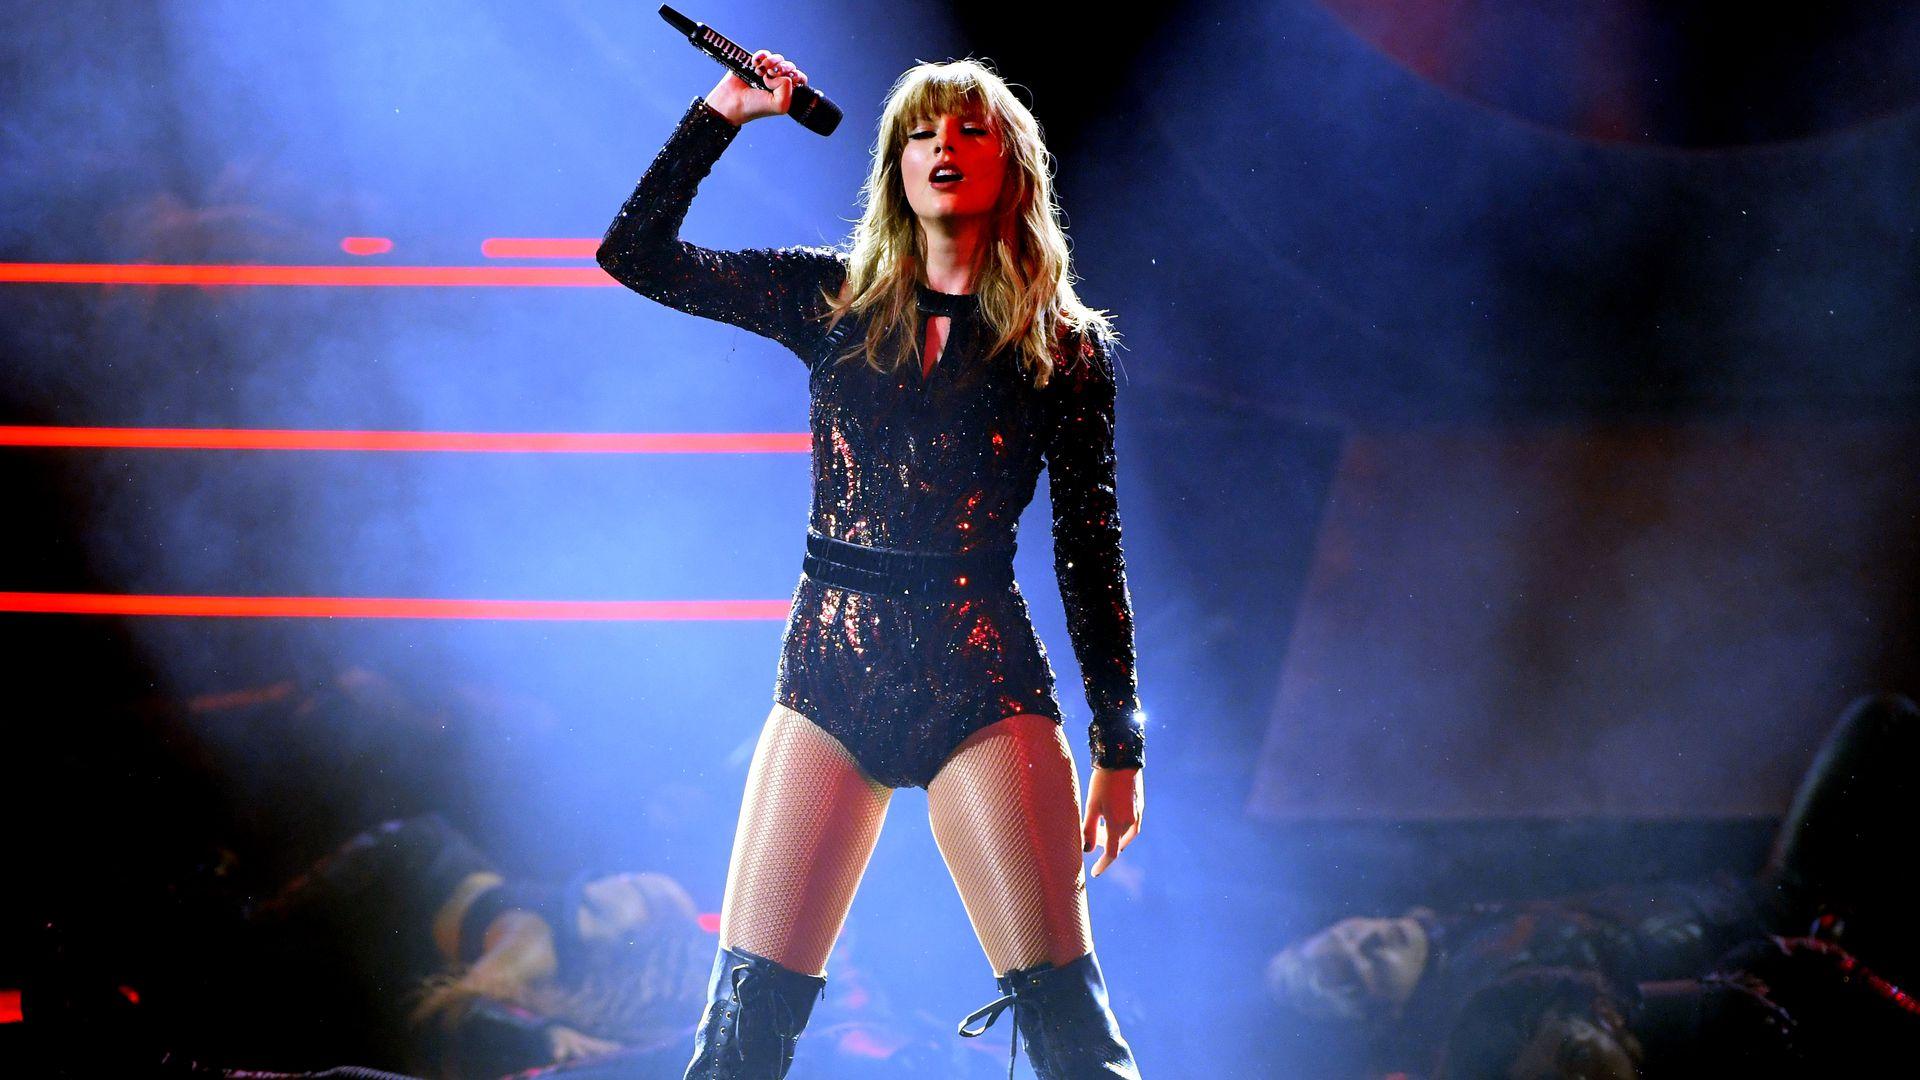 Für den guten Zweck: Taylor Swift versteigert ihre Gitarre ...